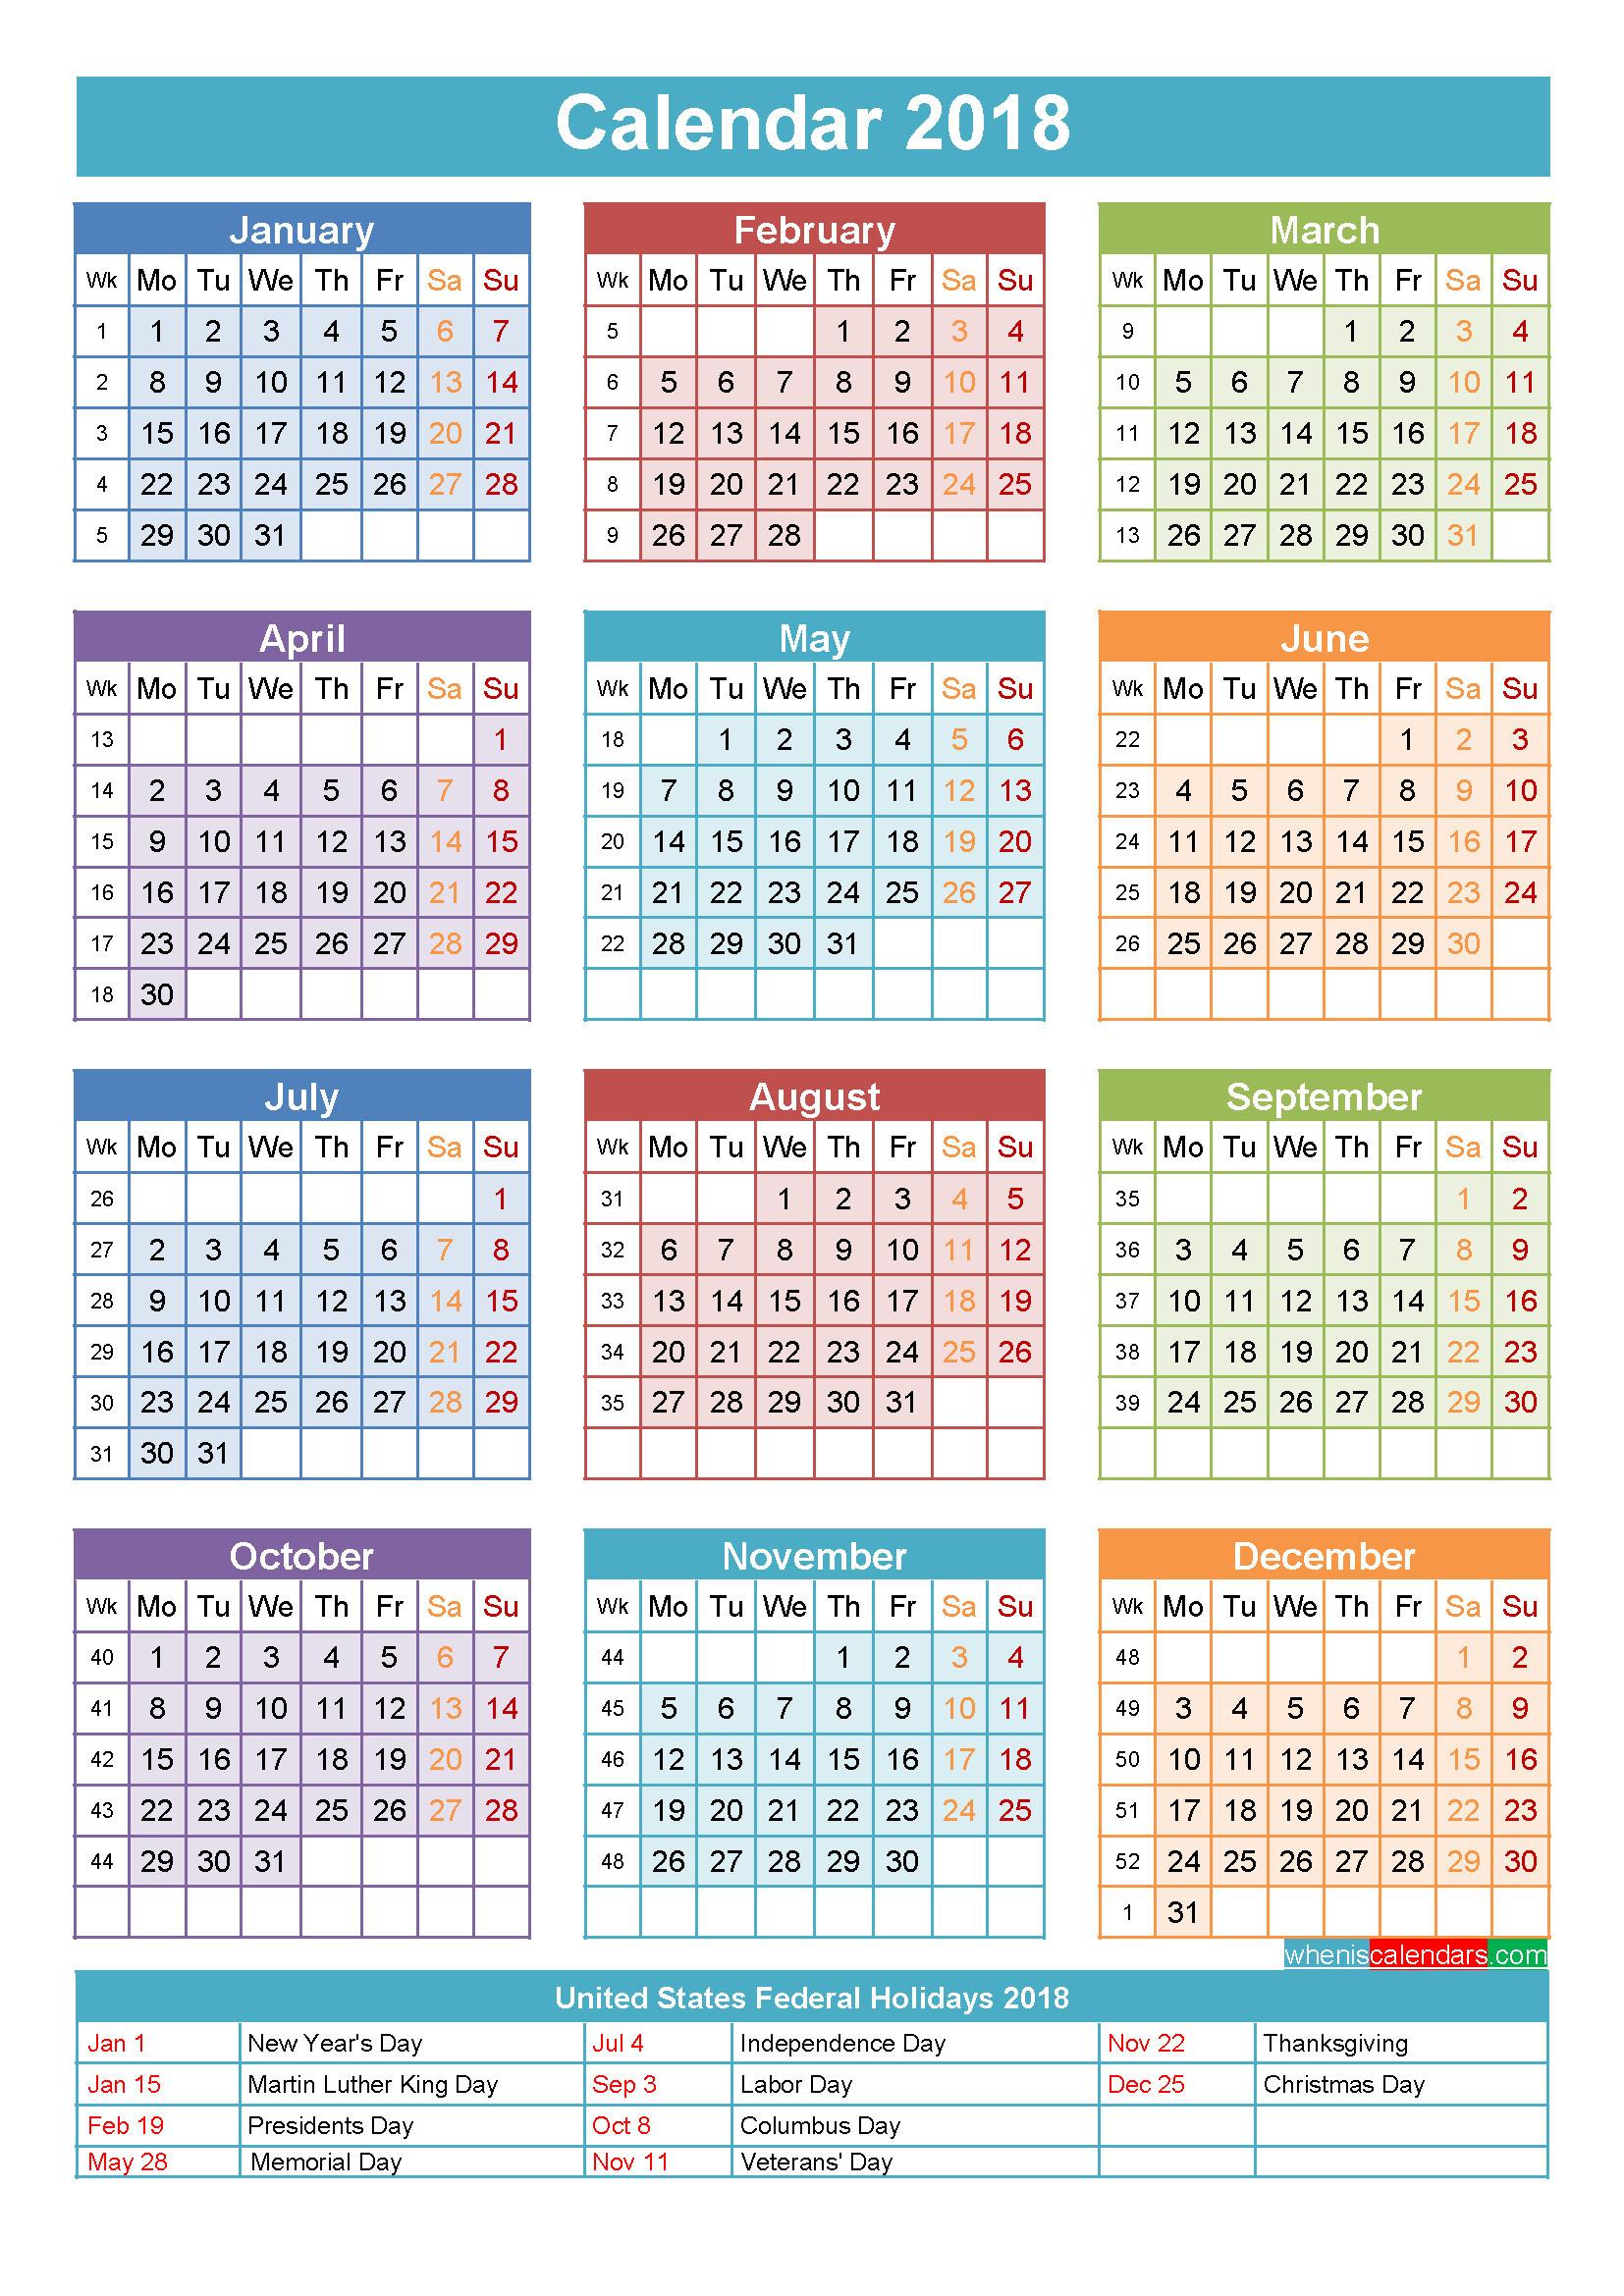 主要な休日のある年のカレンダー 無料デスクトップカレンダー壁紙 1654x2339 Wallpapertip